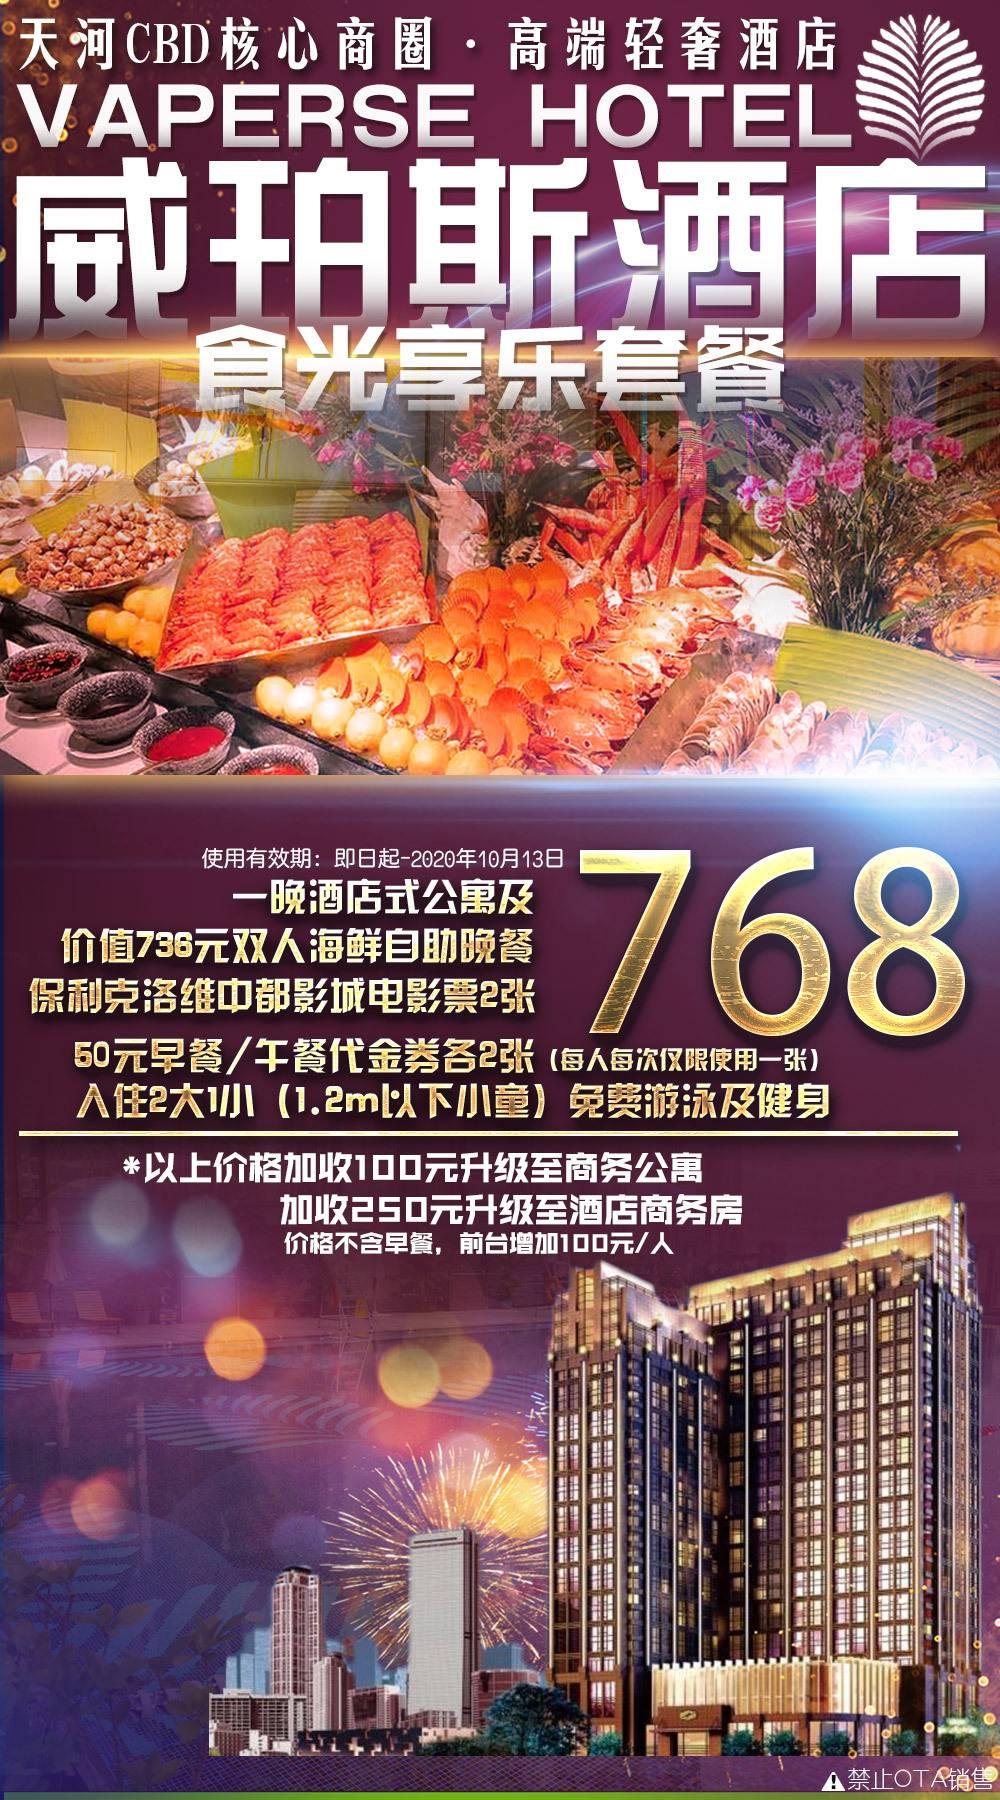 """【广州·天河区】广州威珀斯黄金周""""食光享乐""""768元抢亲子电影自助餐套餐~"""